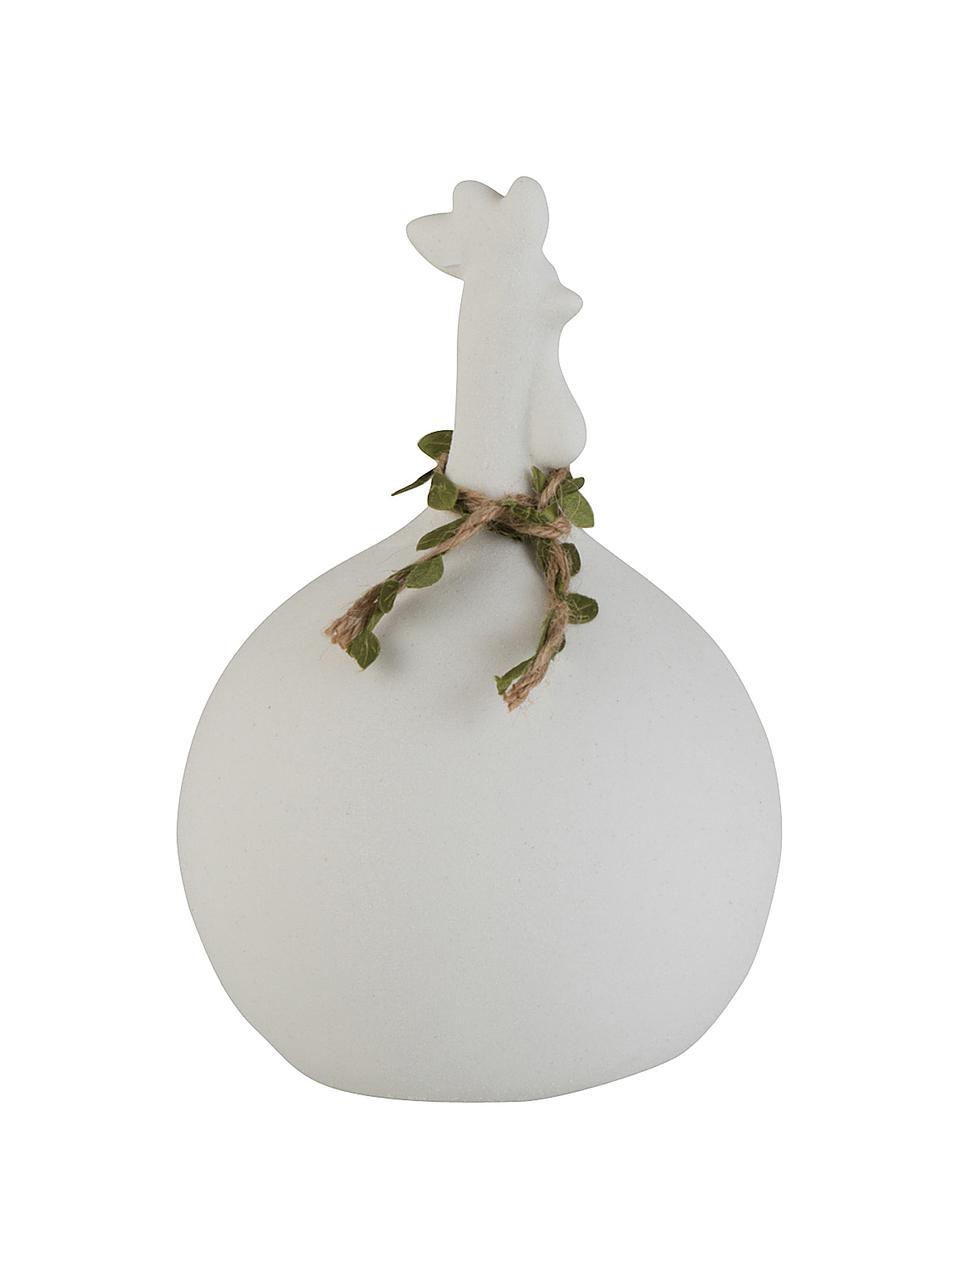 Deko-Objekt Chicken, Steingut, Weiß, Ø 14 x H 21 cm